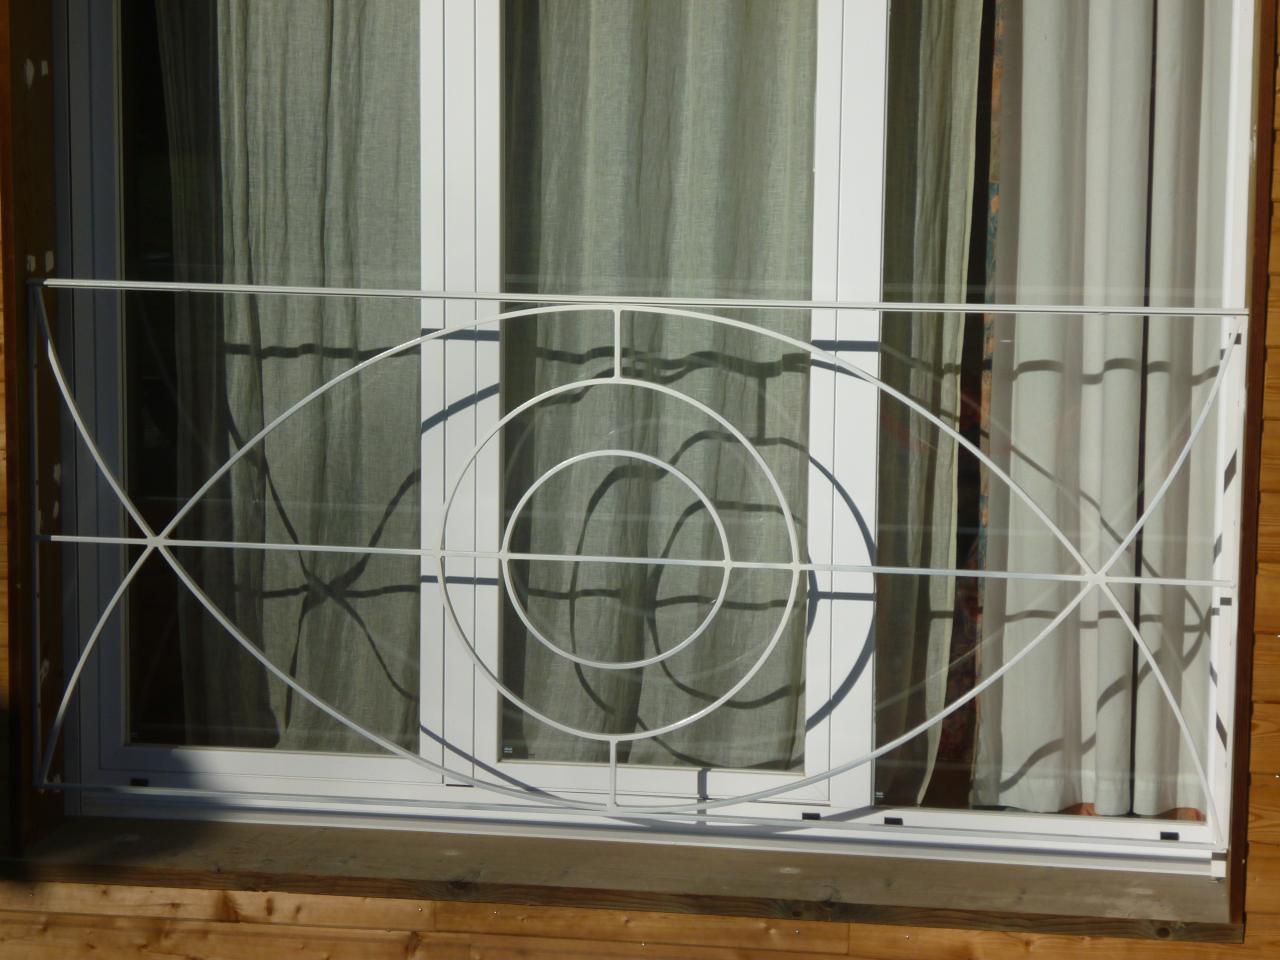 Grille de défense forme ovale